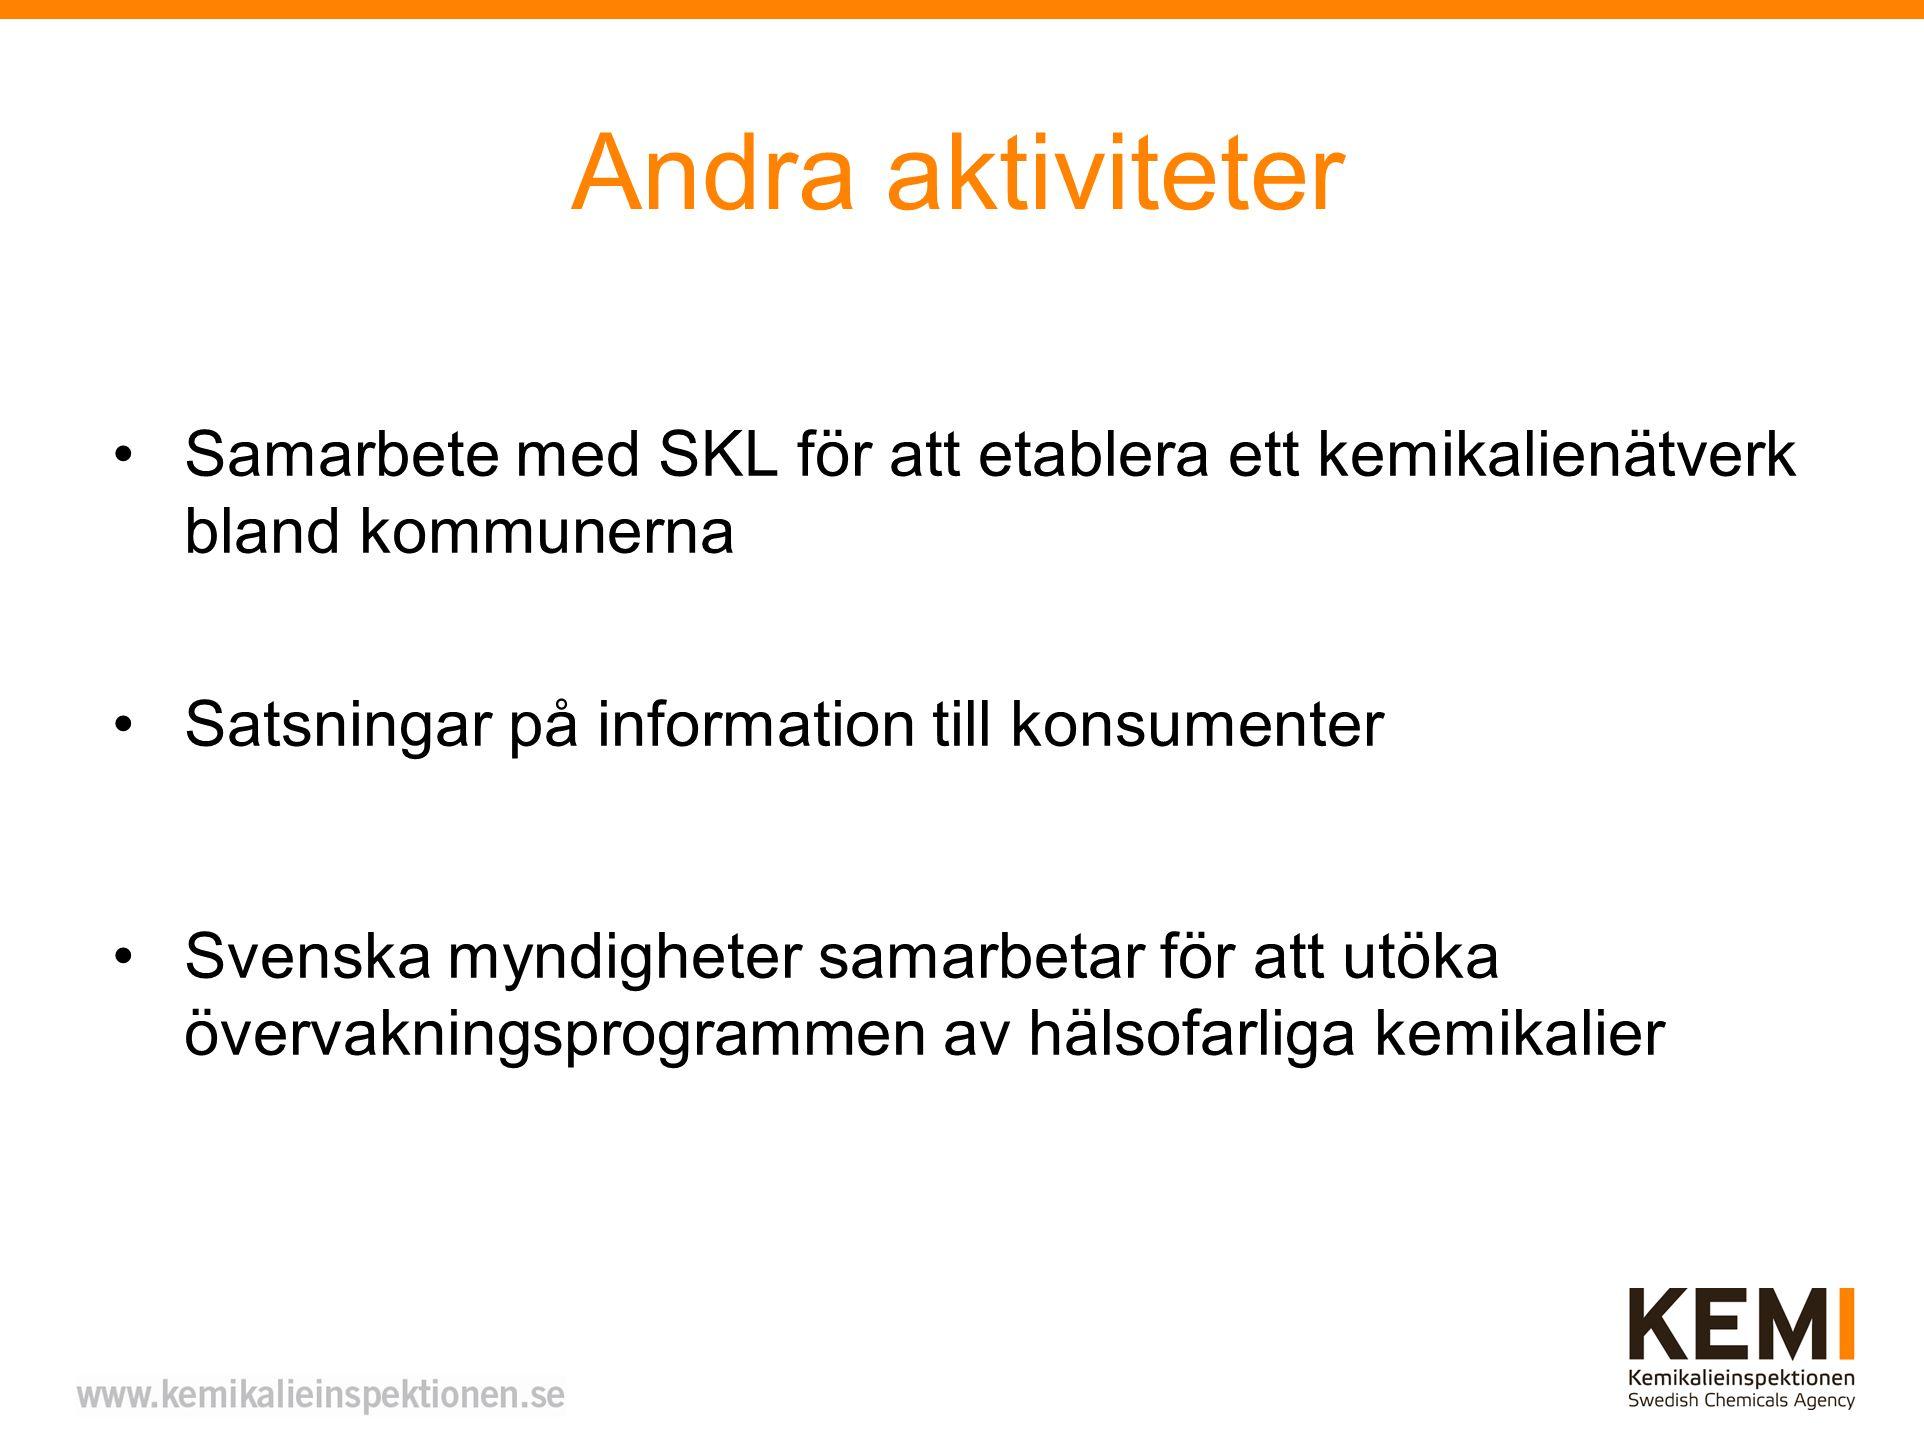 Andra aktiviteter Samarbete med SKL för att etablera ett kemikalienätverk bland kommunerna Satsningar på information till konsumenter Svenska myndigheter samarbetar för att utöka övervakningsprogrammen av hälsofarliga kemikalier